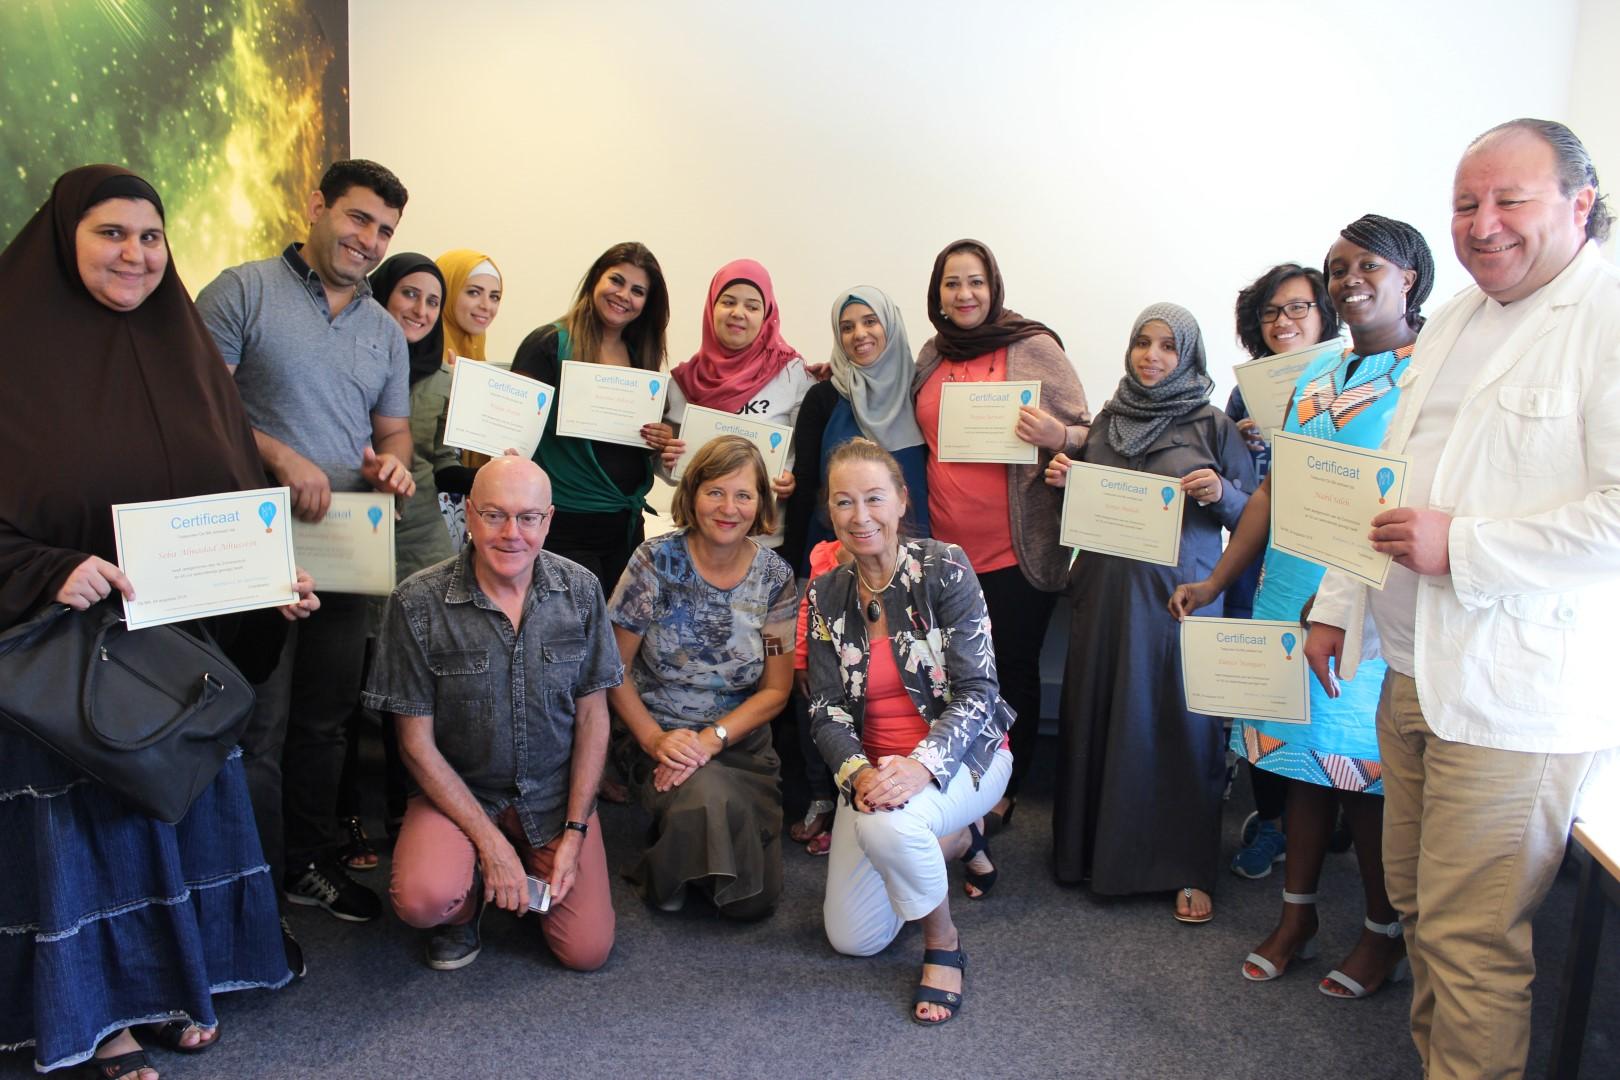 Felbegeerde certificaten uitgereikt in de Zomerschool